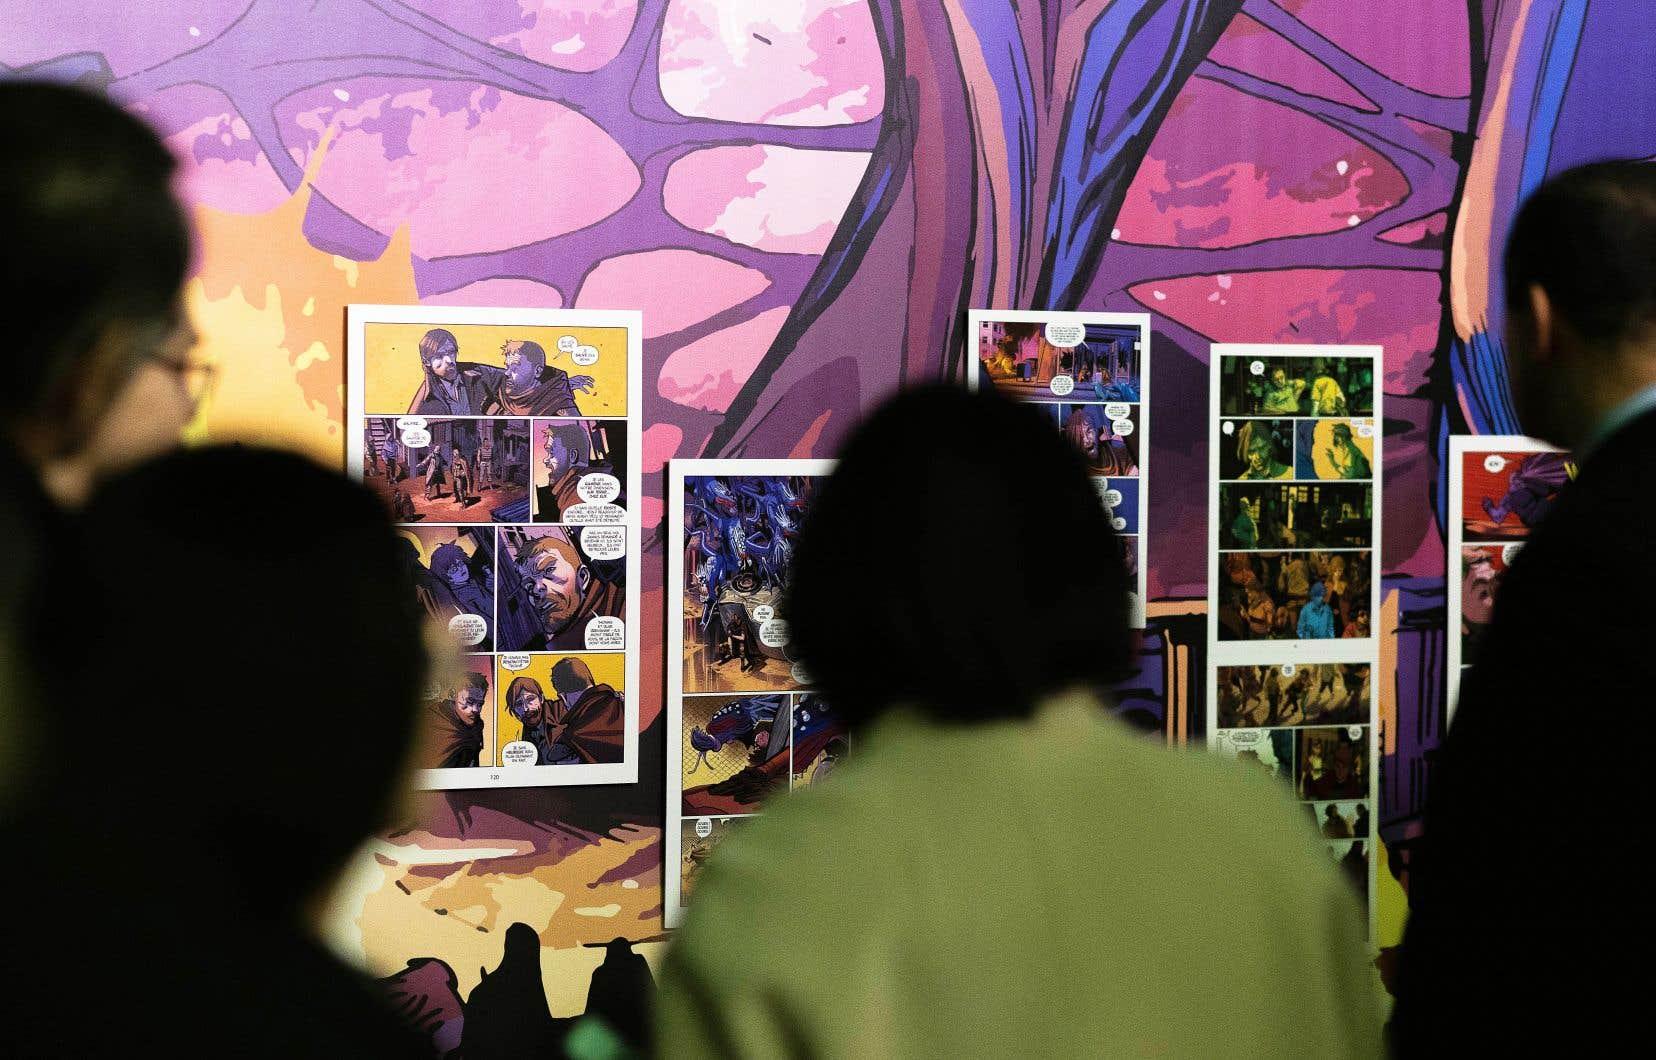 Des visiteurs observaient jeudi des planches de l'exposition «Robert Kirkman, Walking Dead et autres mondes pop», présentée dans le cadre de la 47e édition du Festival d'Angoulême. L'événement a marqué le coup d'envoi de l'année de la bande dessinée.